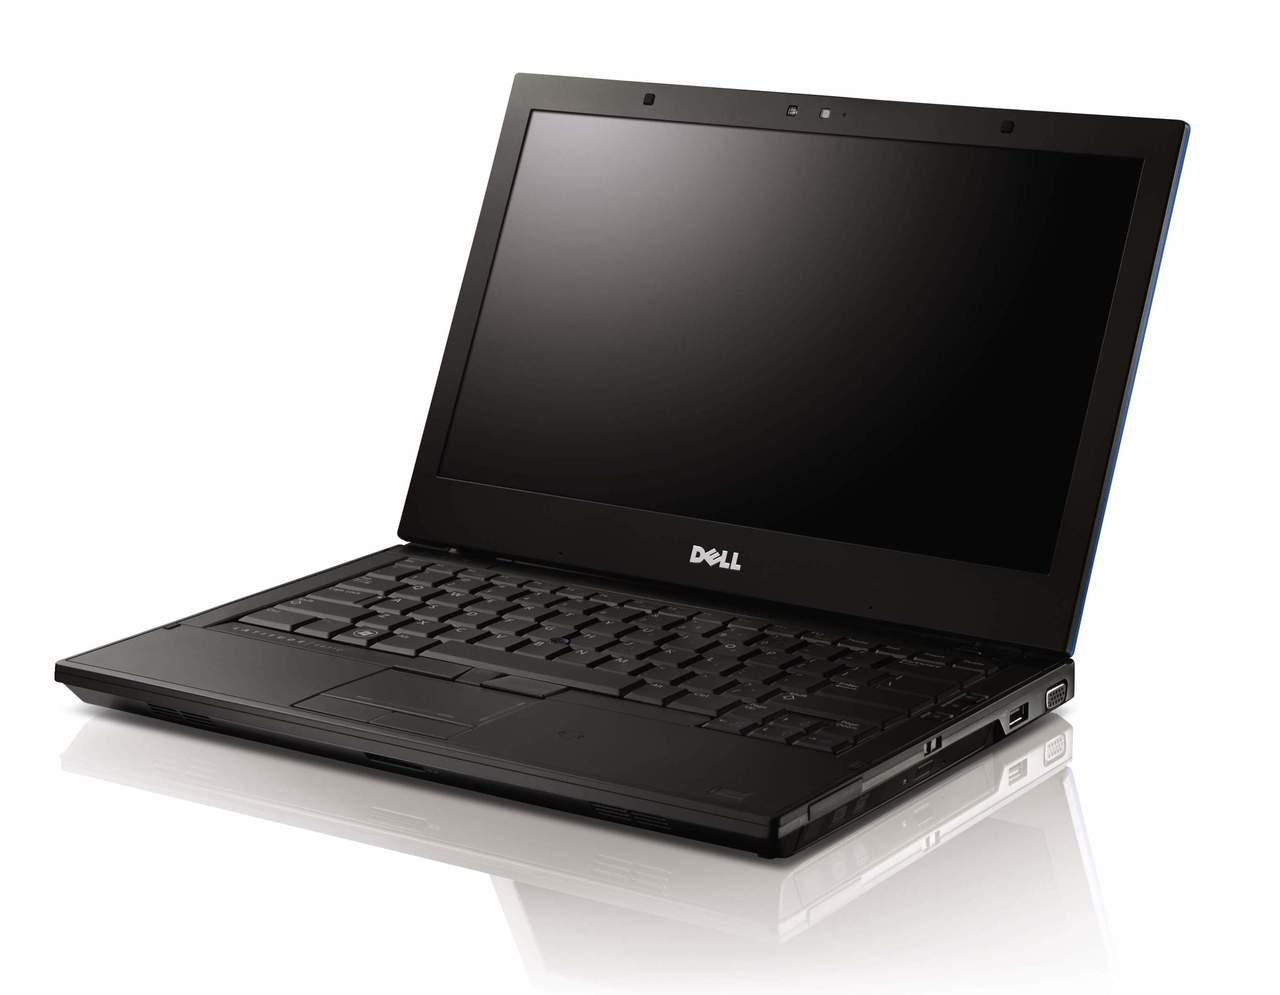 Dell Latitude E4310 - Side Display View